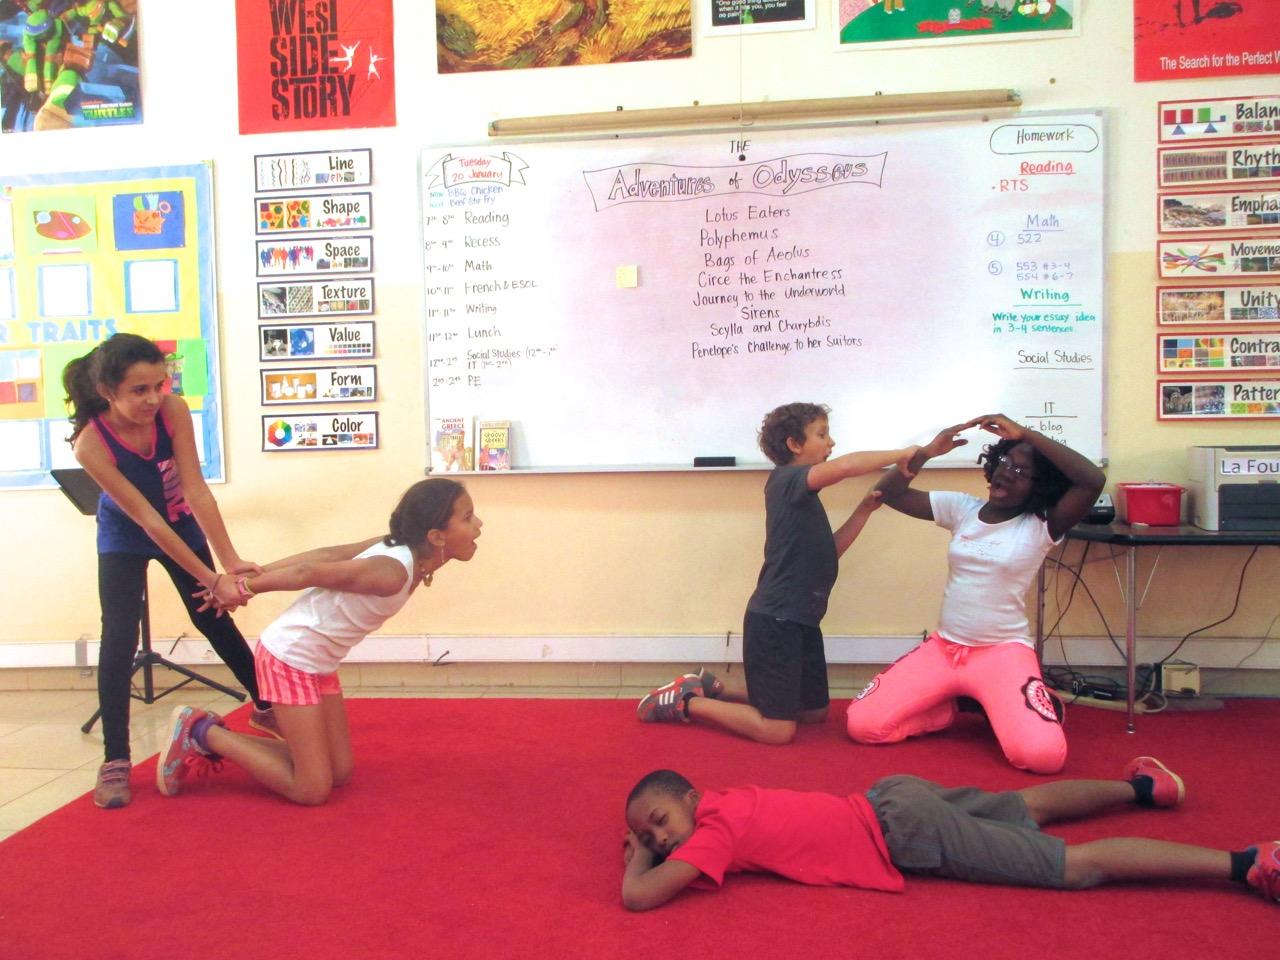 teacher evaluation | 2seetheglobe